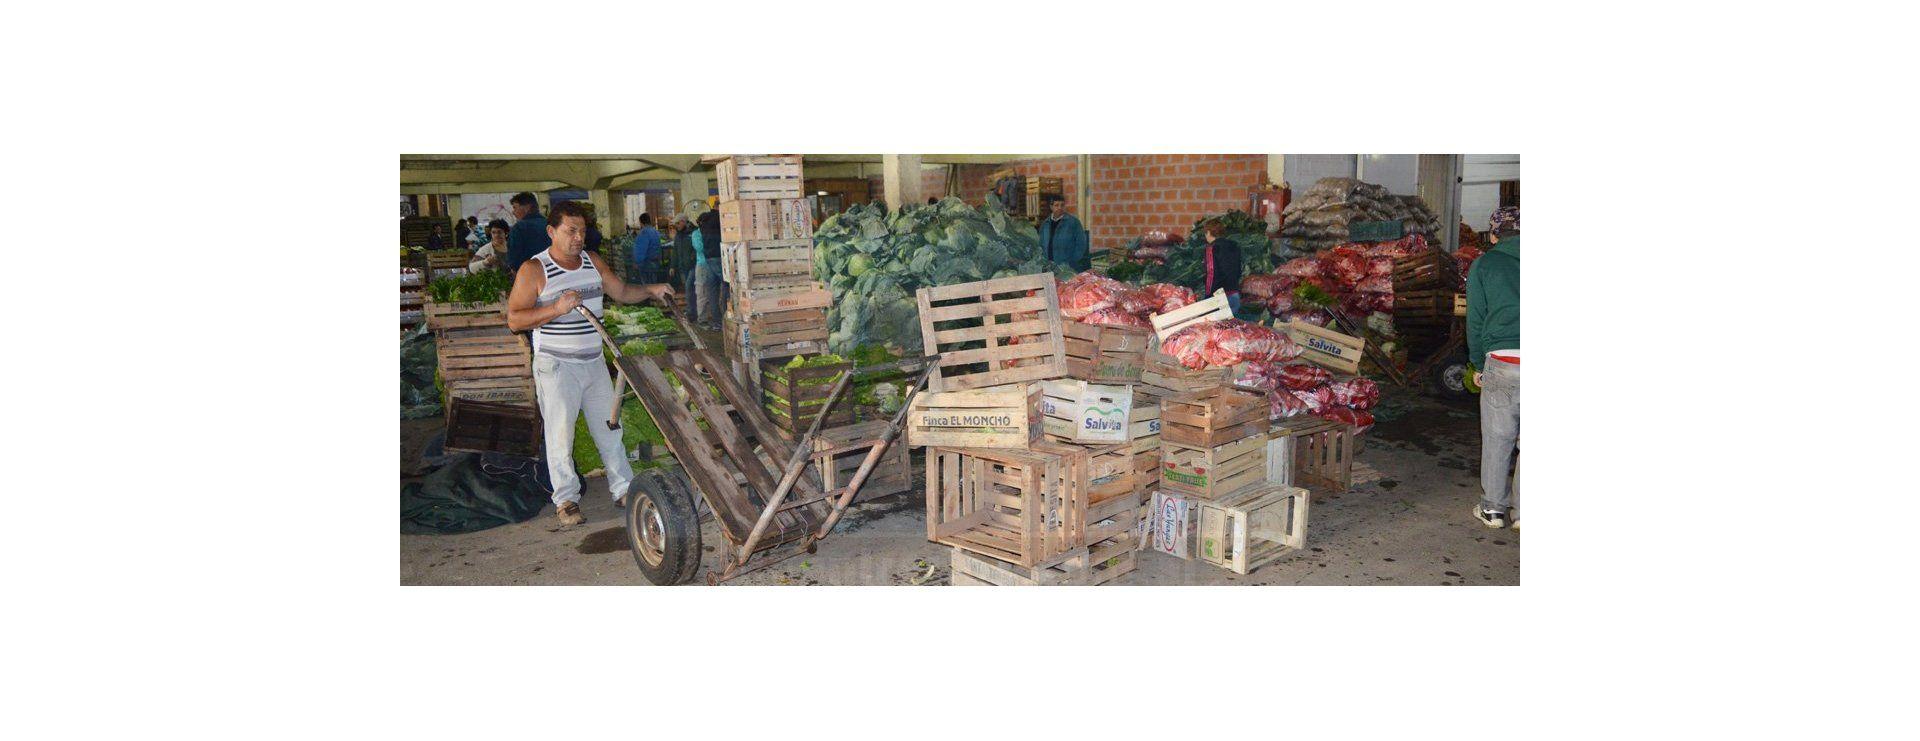 Todo el color del Mercado Concentrador El Charrúa de Paraná